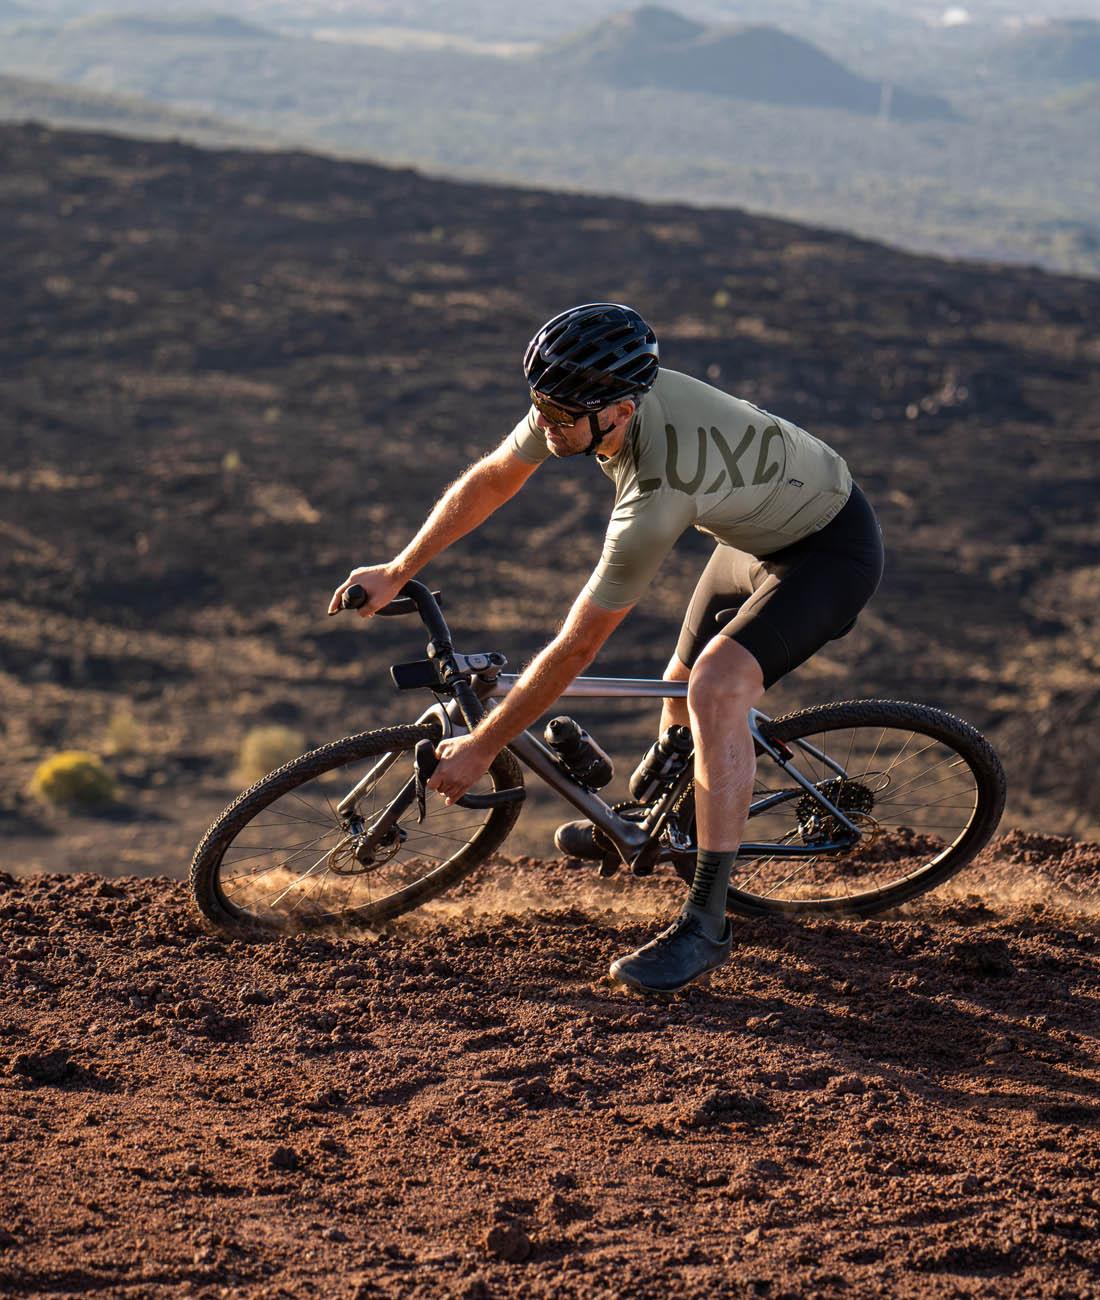 gravelowa przygoda na wulkanicznym szutrze pod wulkanem Etna na włoskiej wyspie Sycylia oraz kolarz ubrany w oliwkową koszulę polskiej marki Luxa